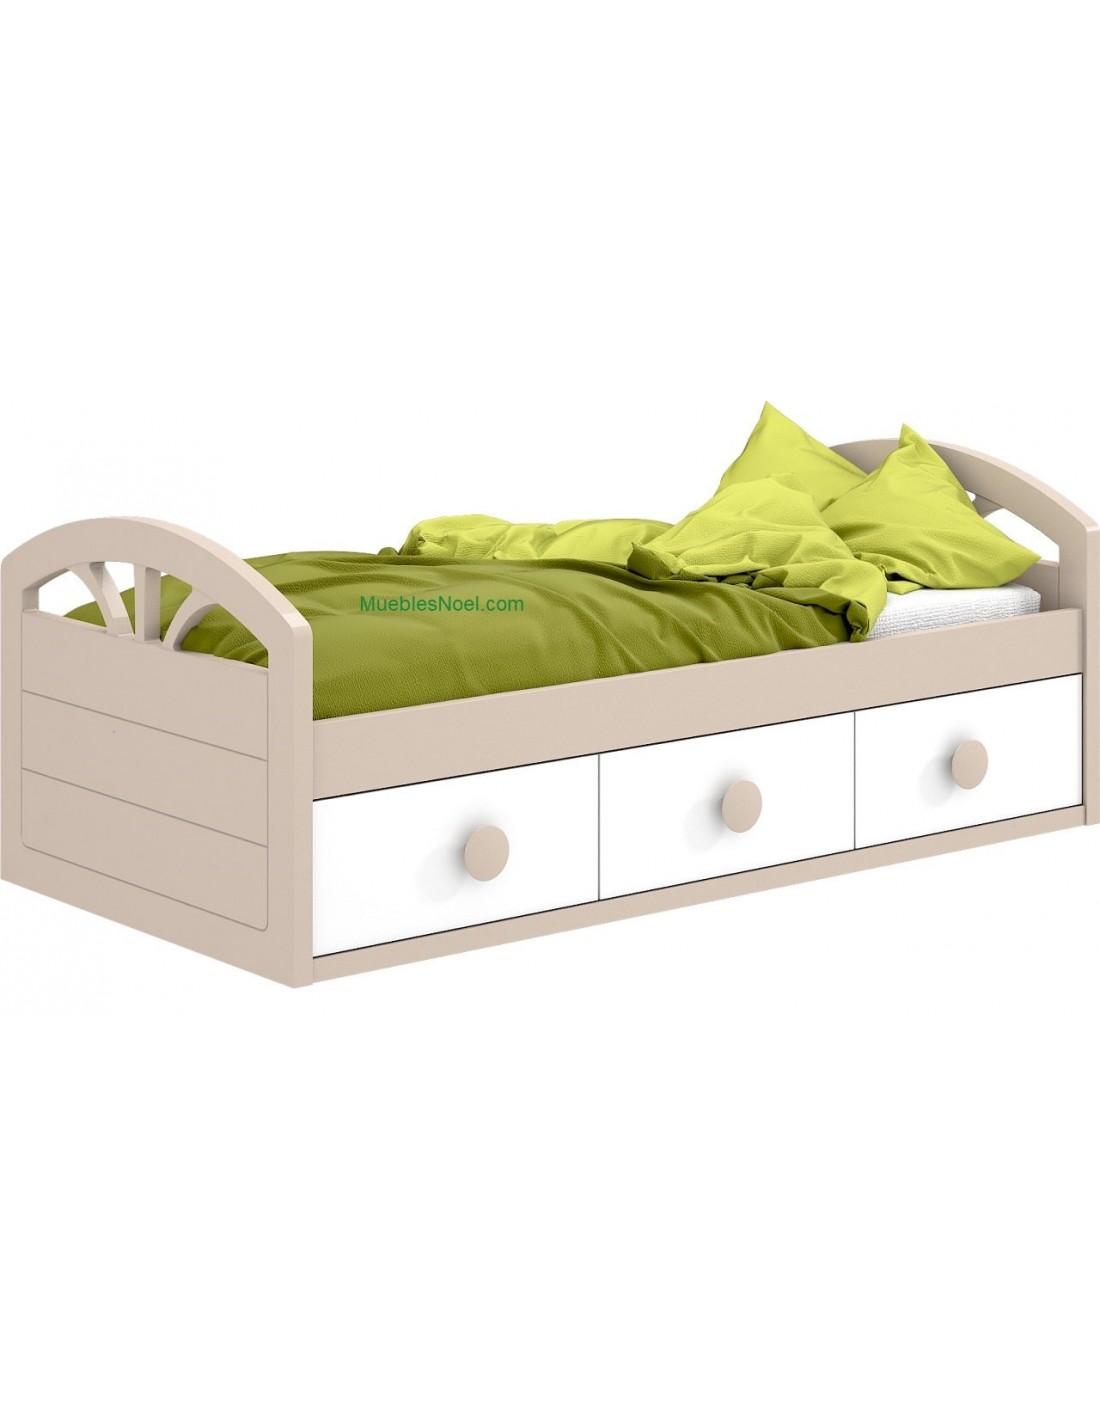 Comprar cama nido divan con cajones tienda muebles online for Cama divan con cajones